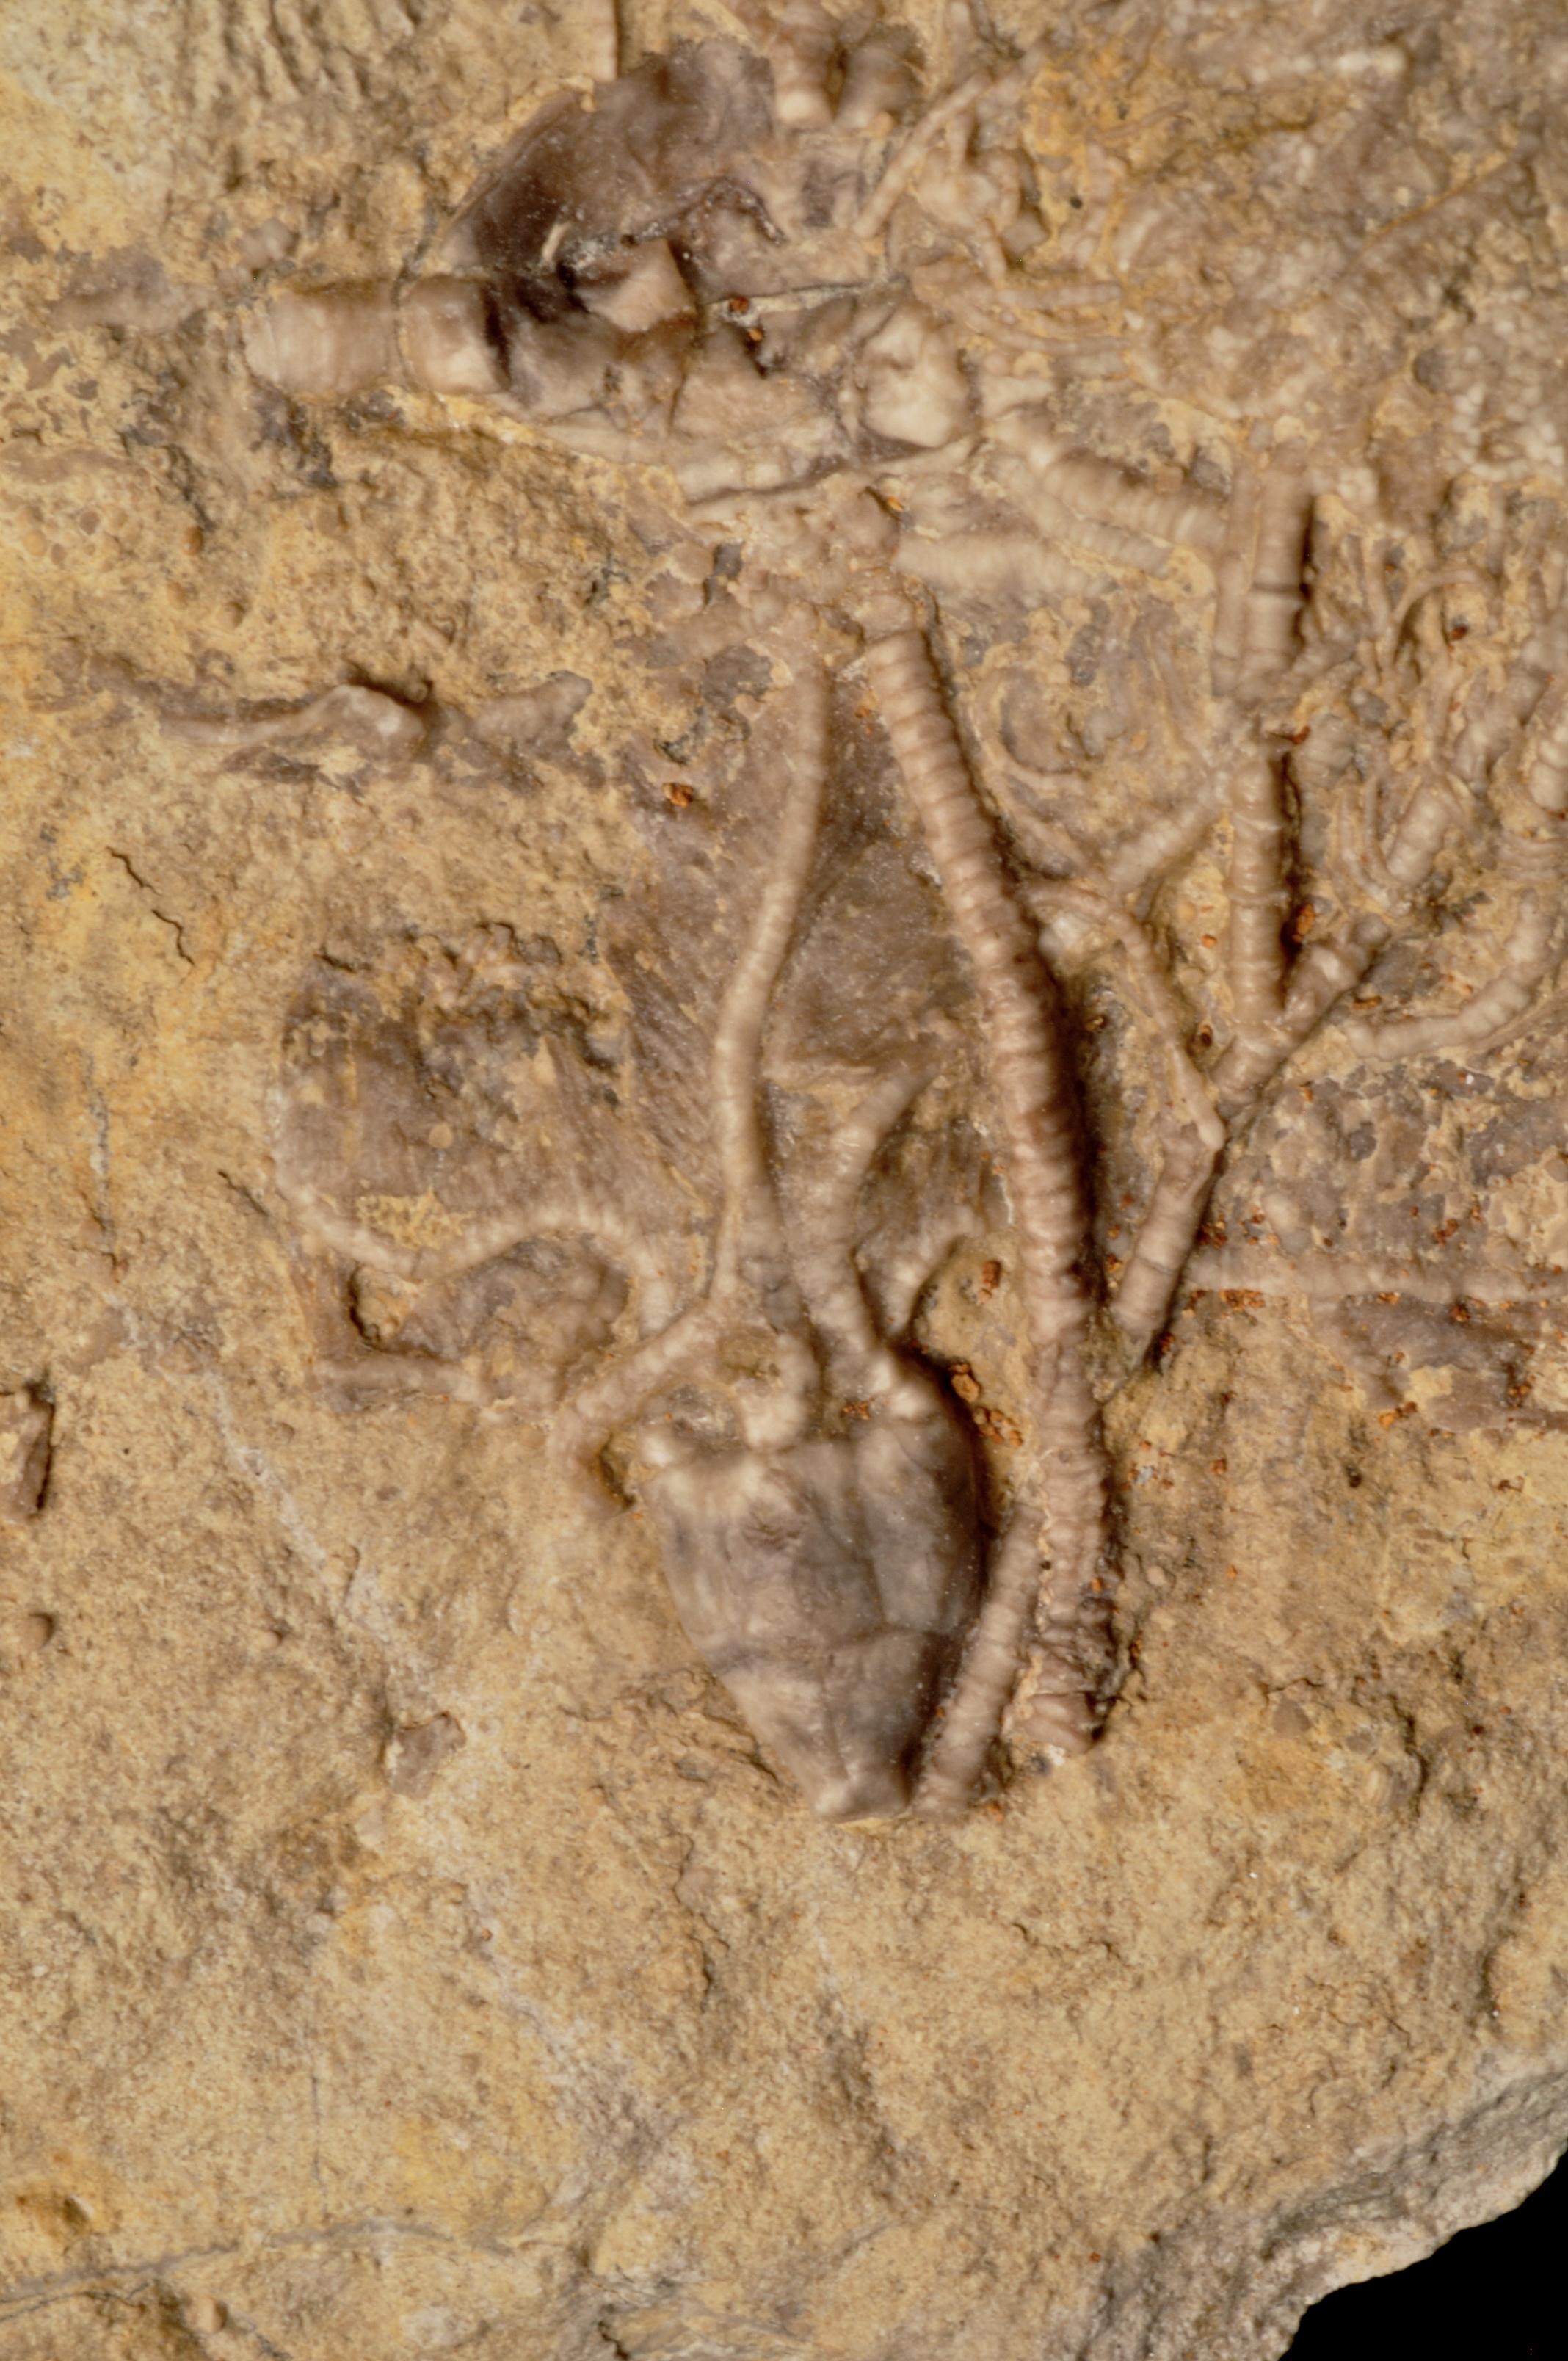 Dichocrinus